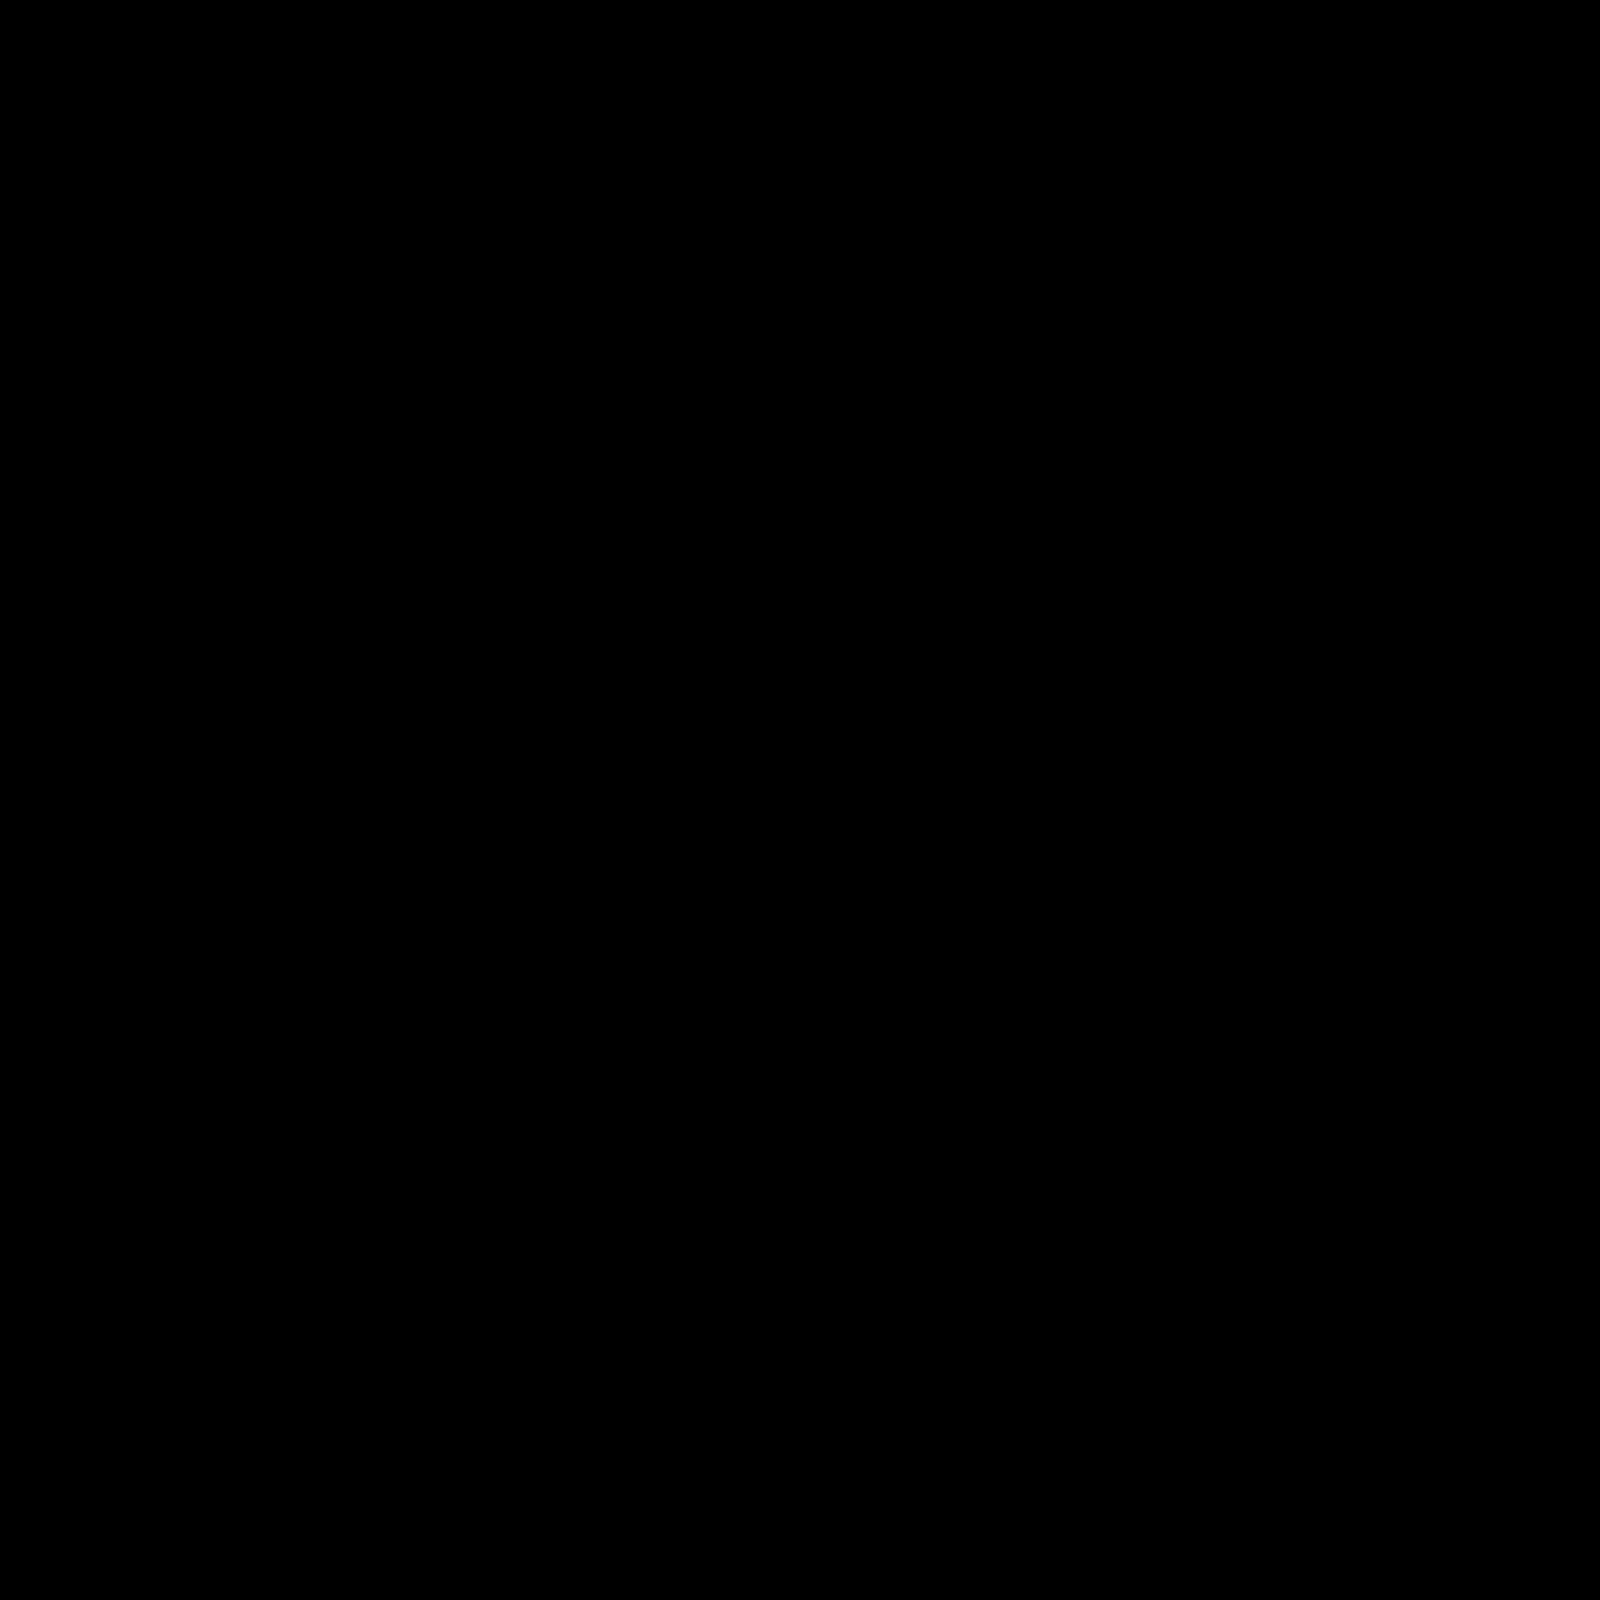 Zaznaczenie 3d icon